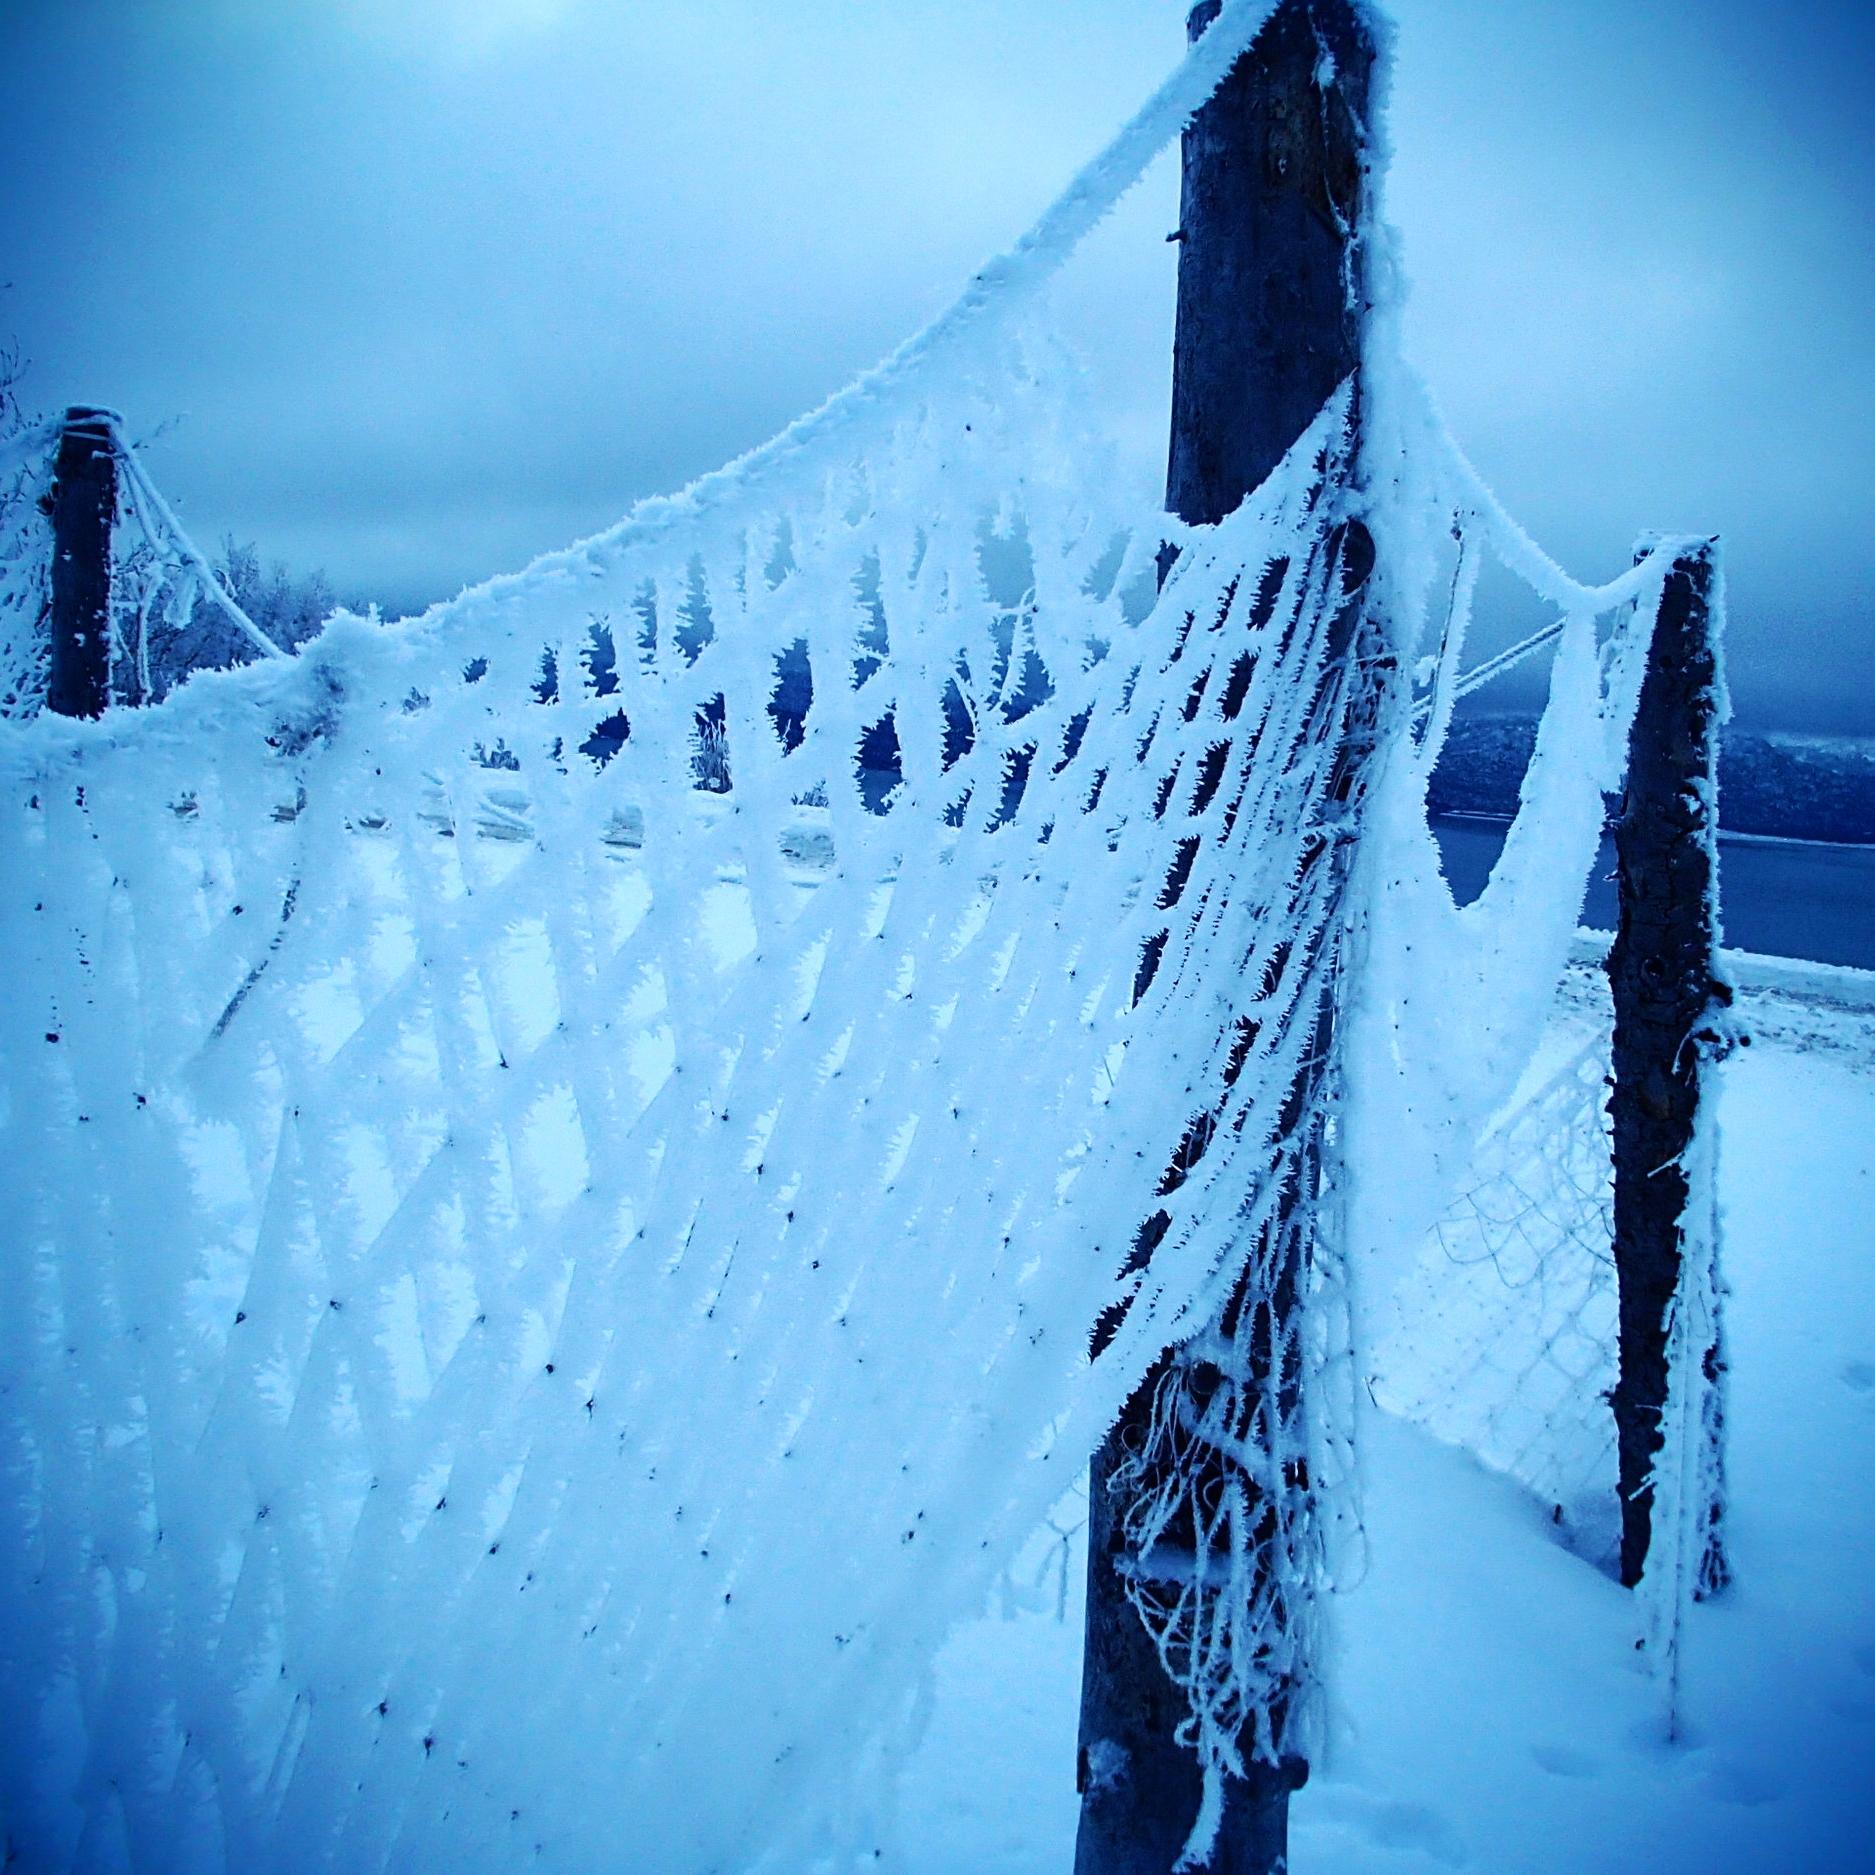 A frozen hoar frost fence in Homer Alaska